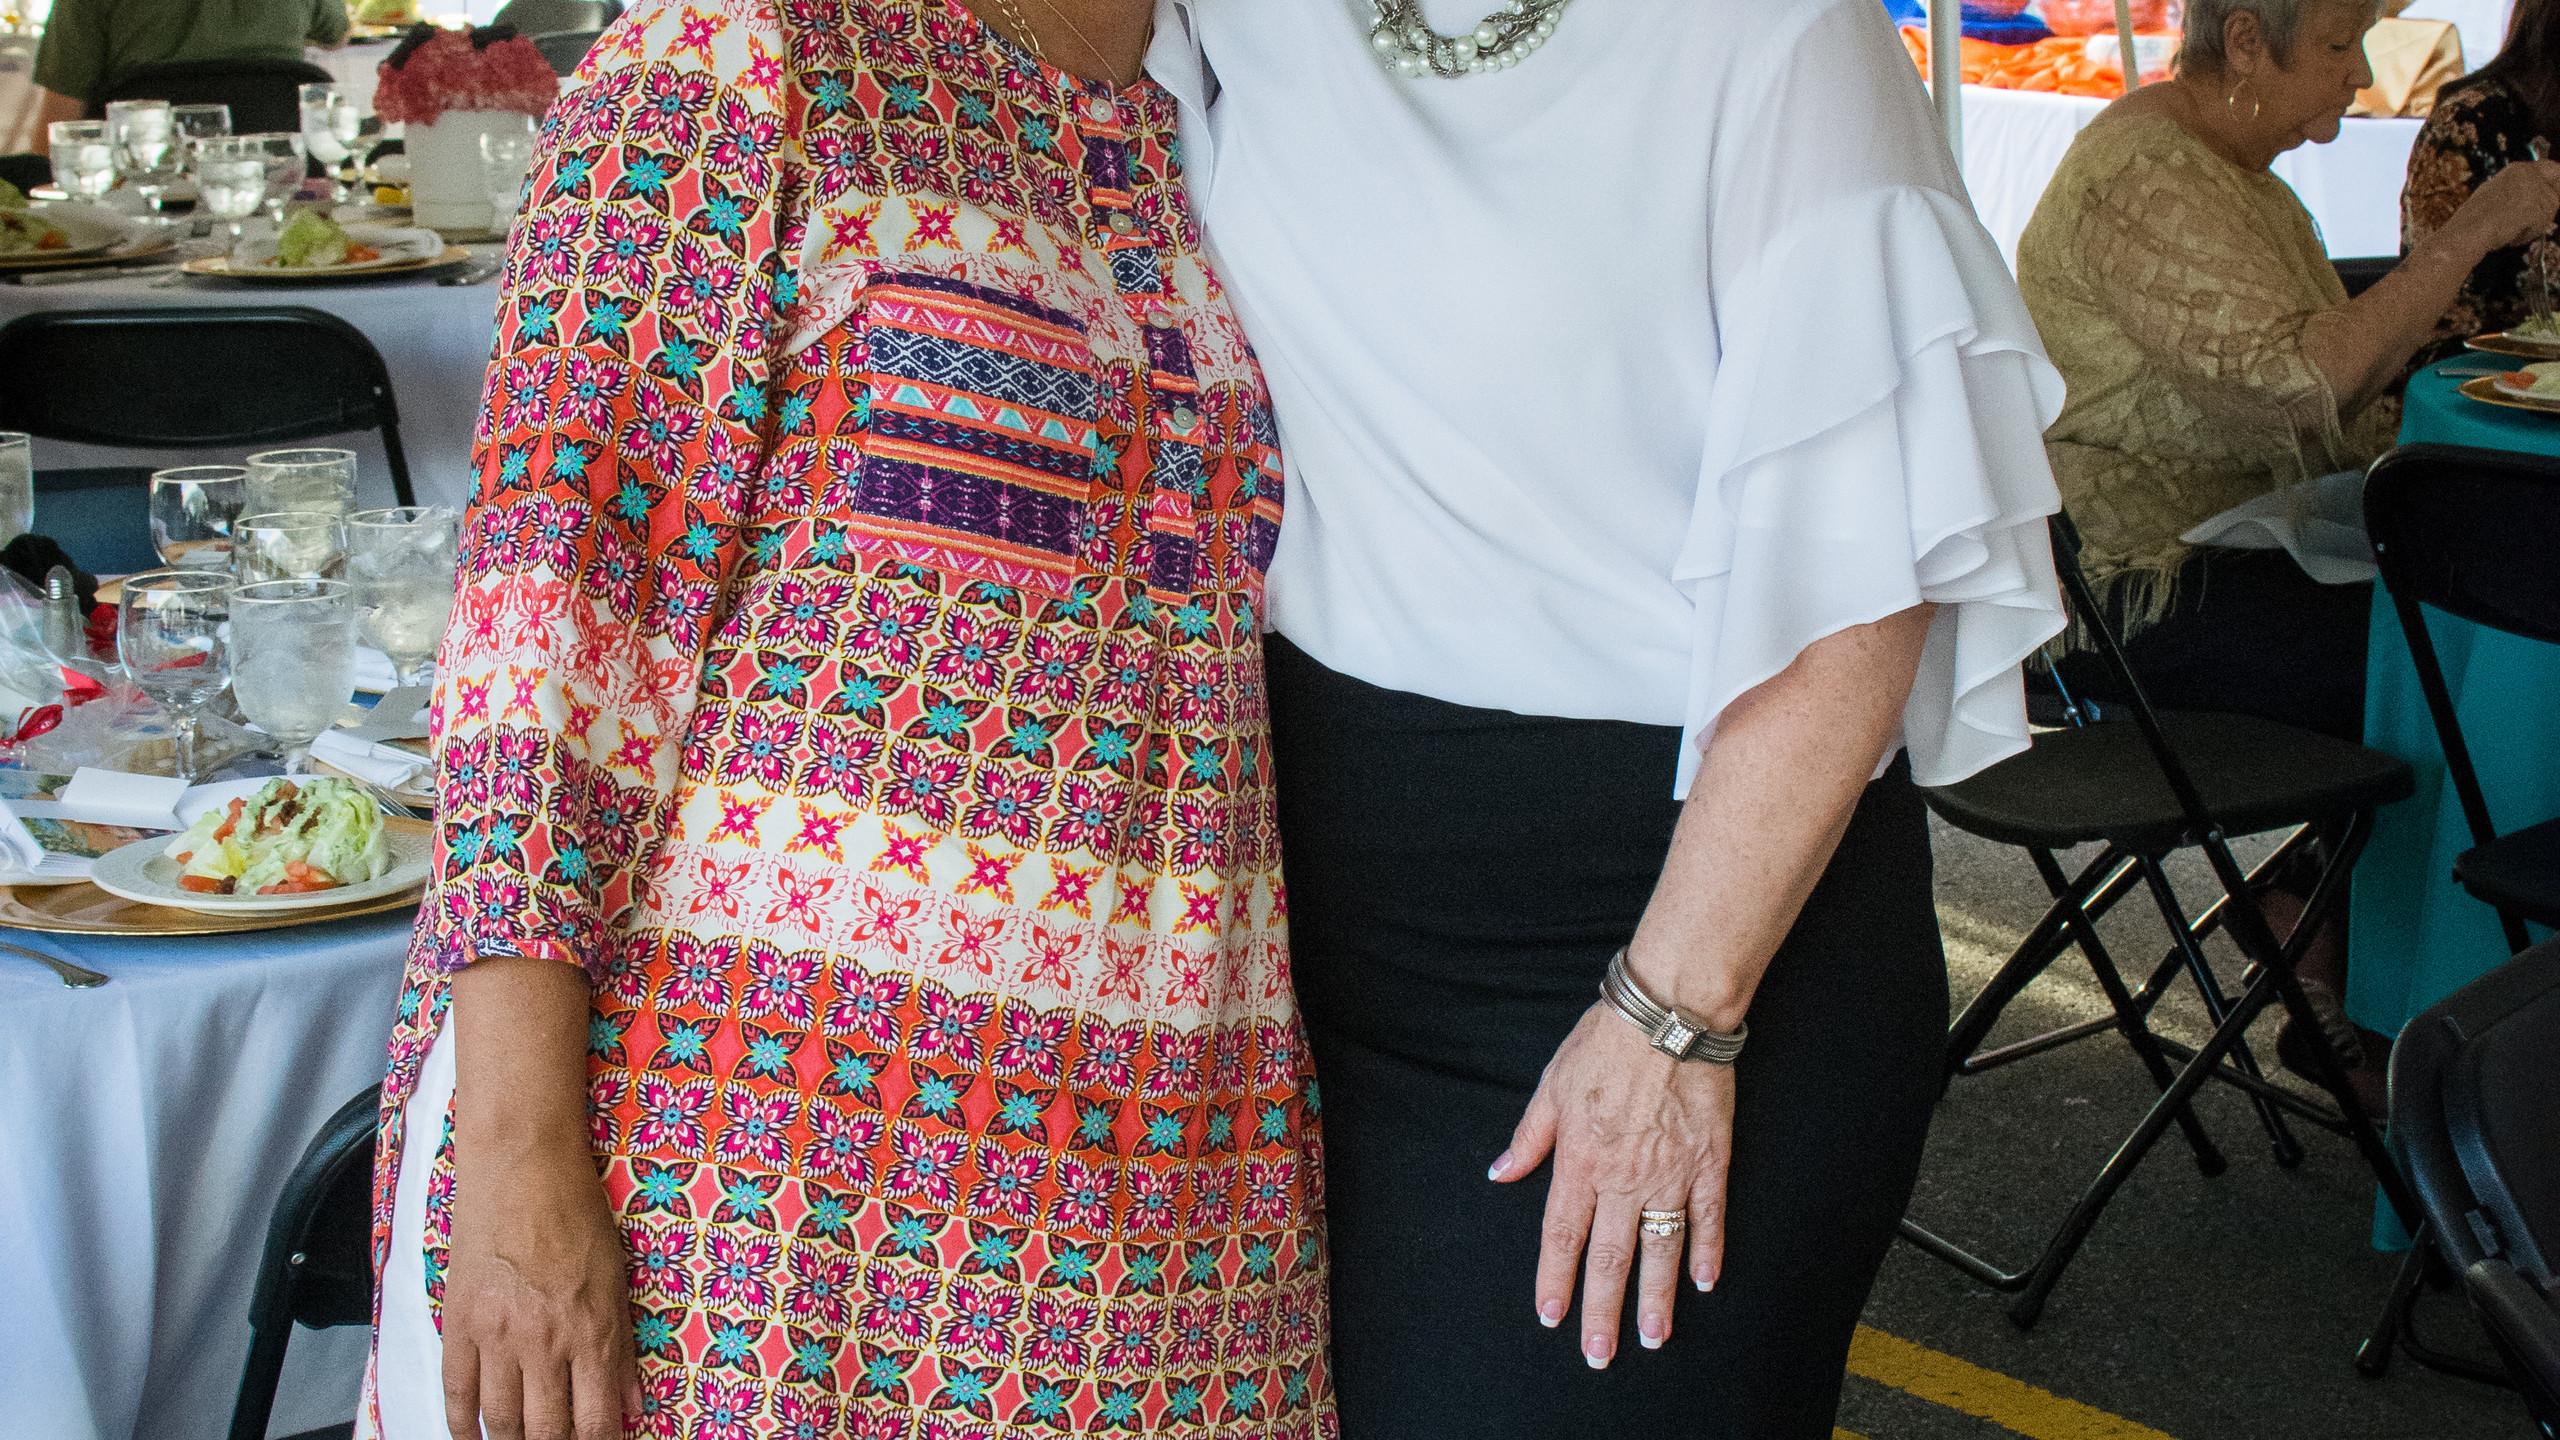 Lisa Hunt and Cynthia Pitts